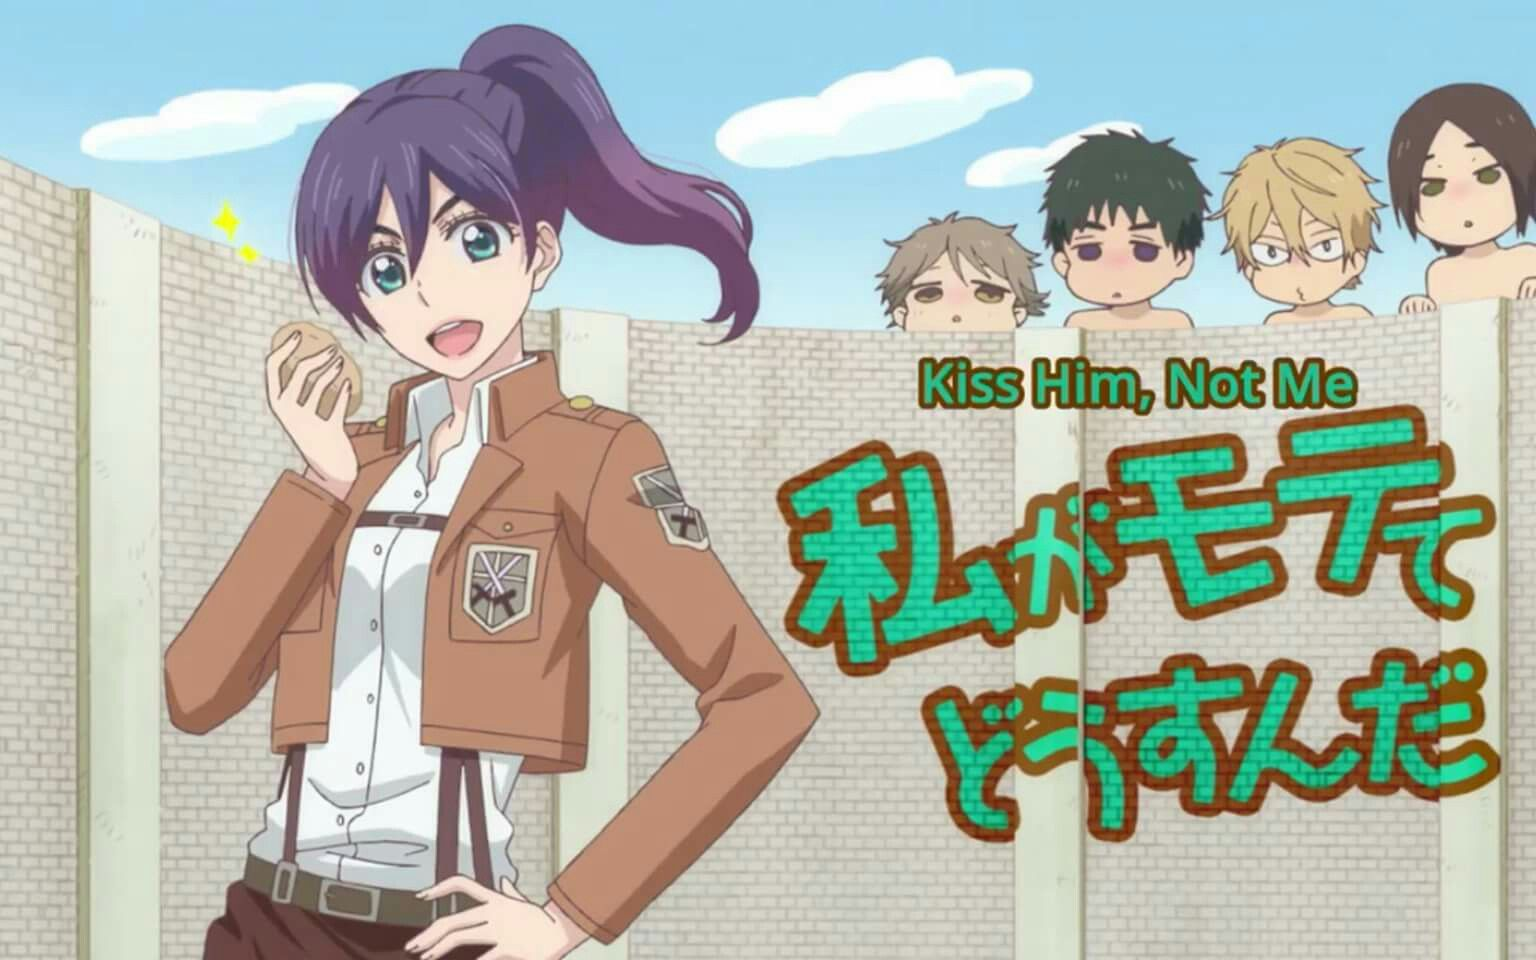 Pin de Setto Shindelh en NimeA Anime besos, Anime yugioh